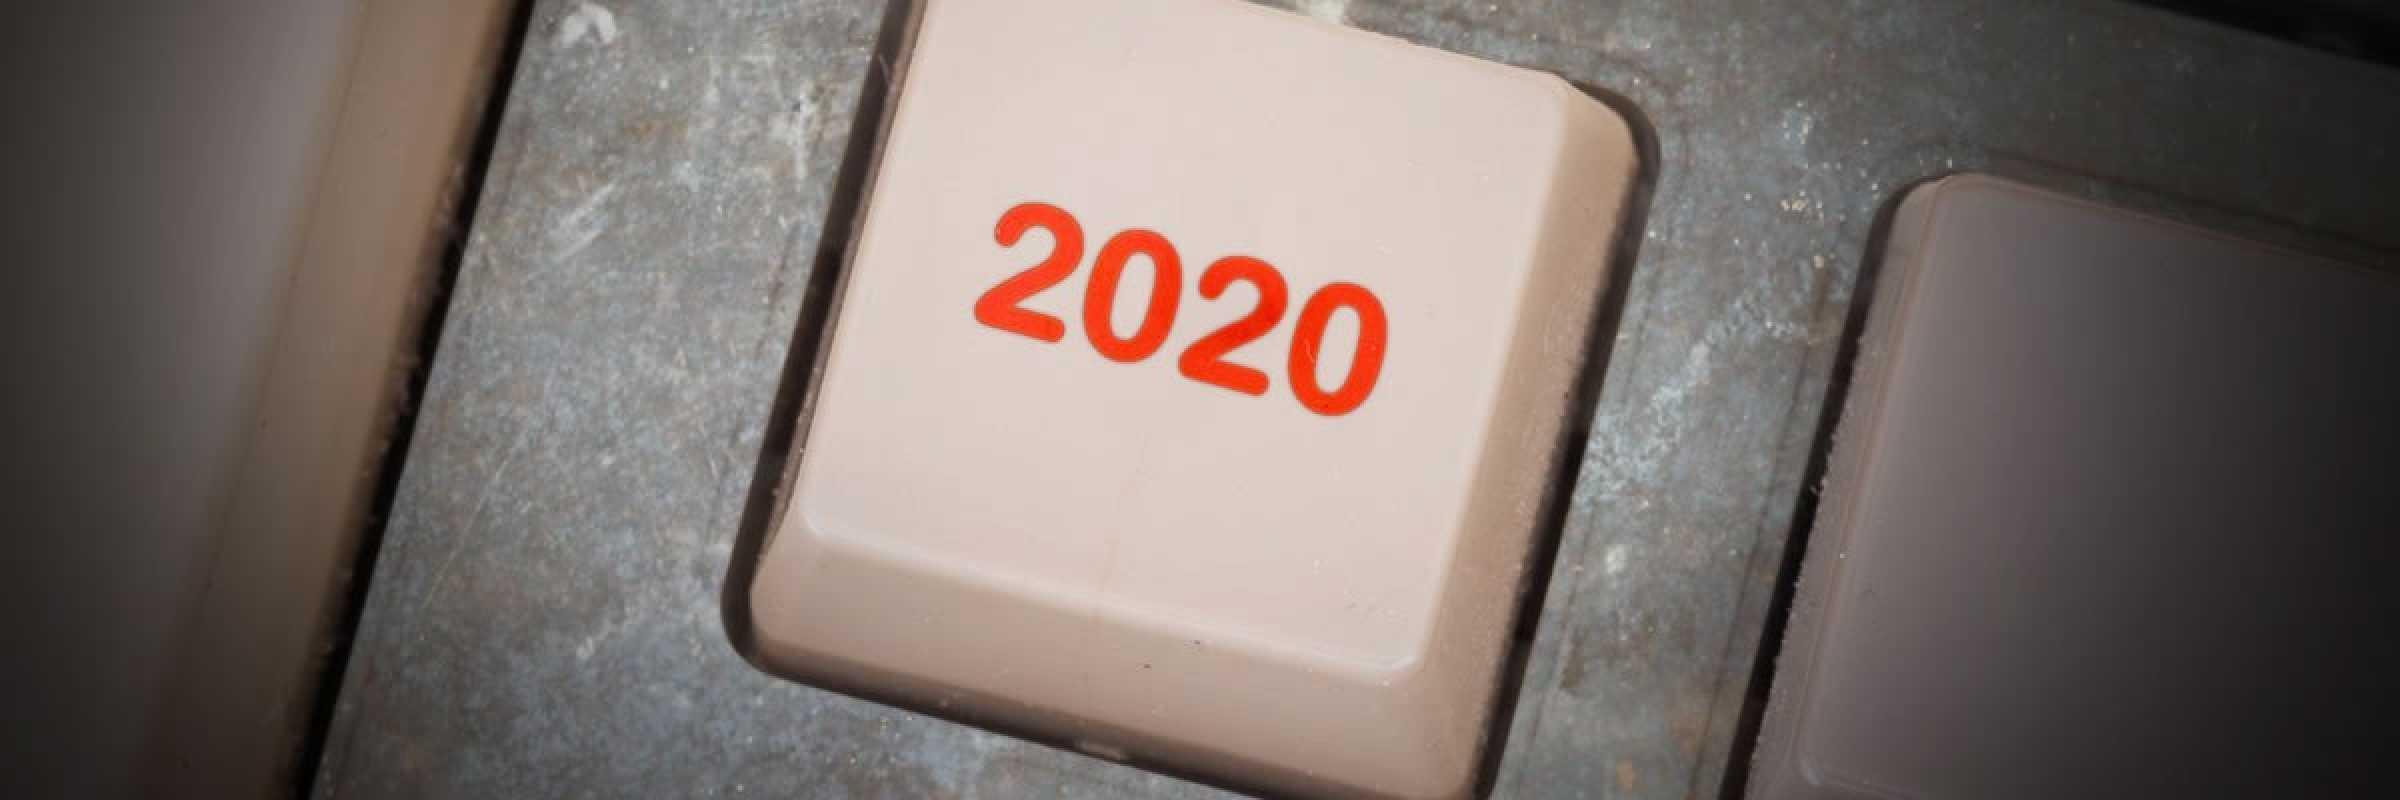 SOx 2020 & Shipping - a crash course